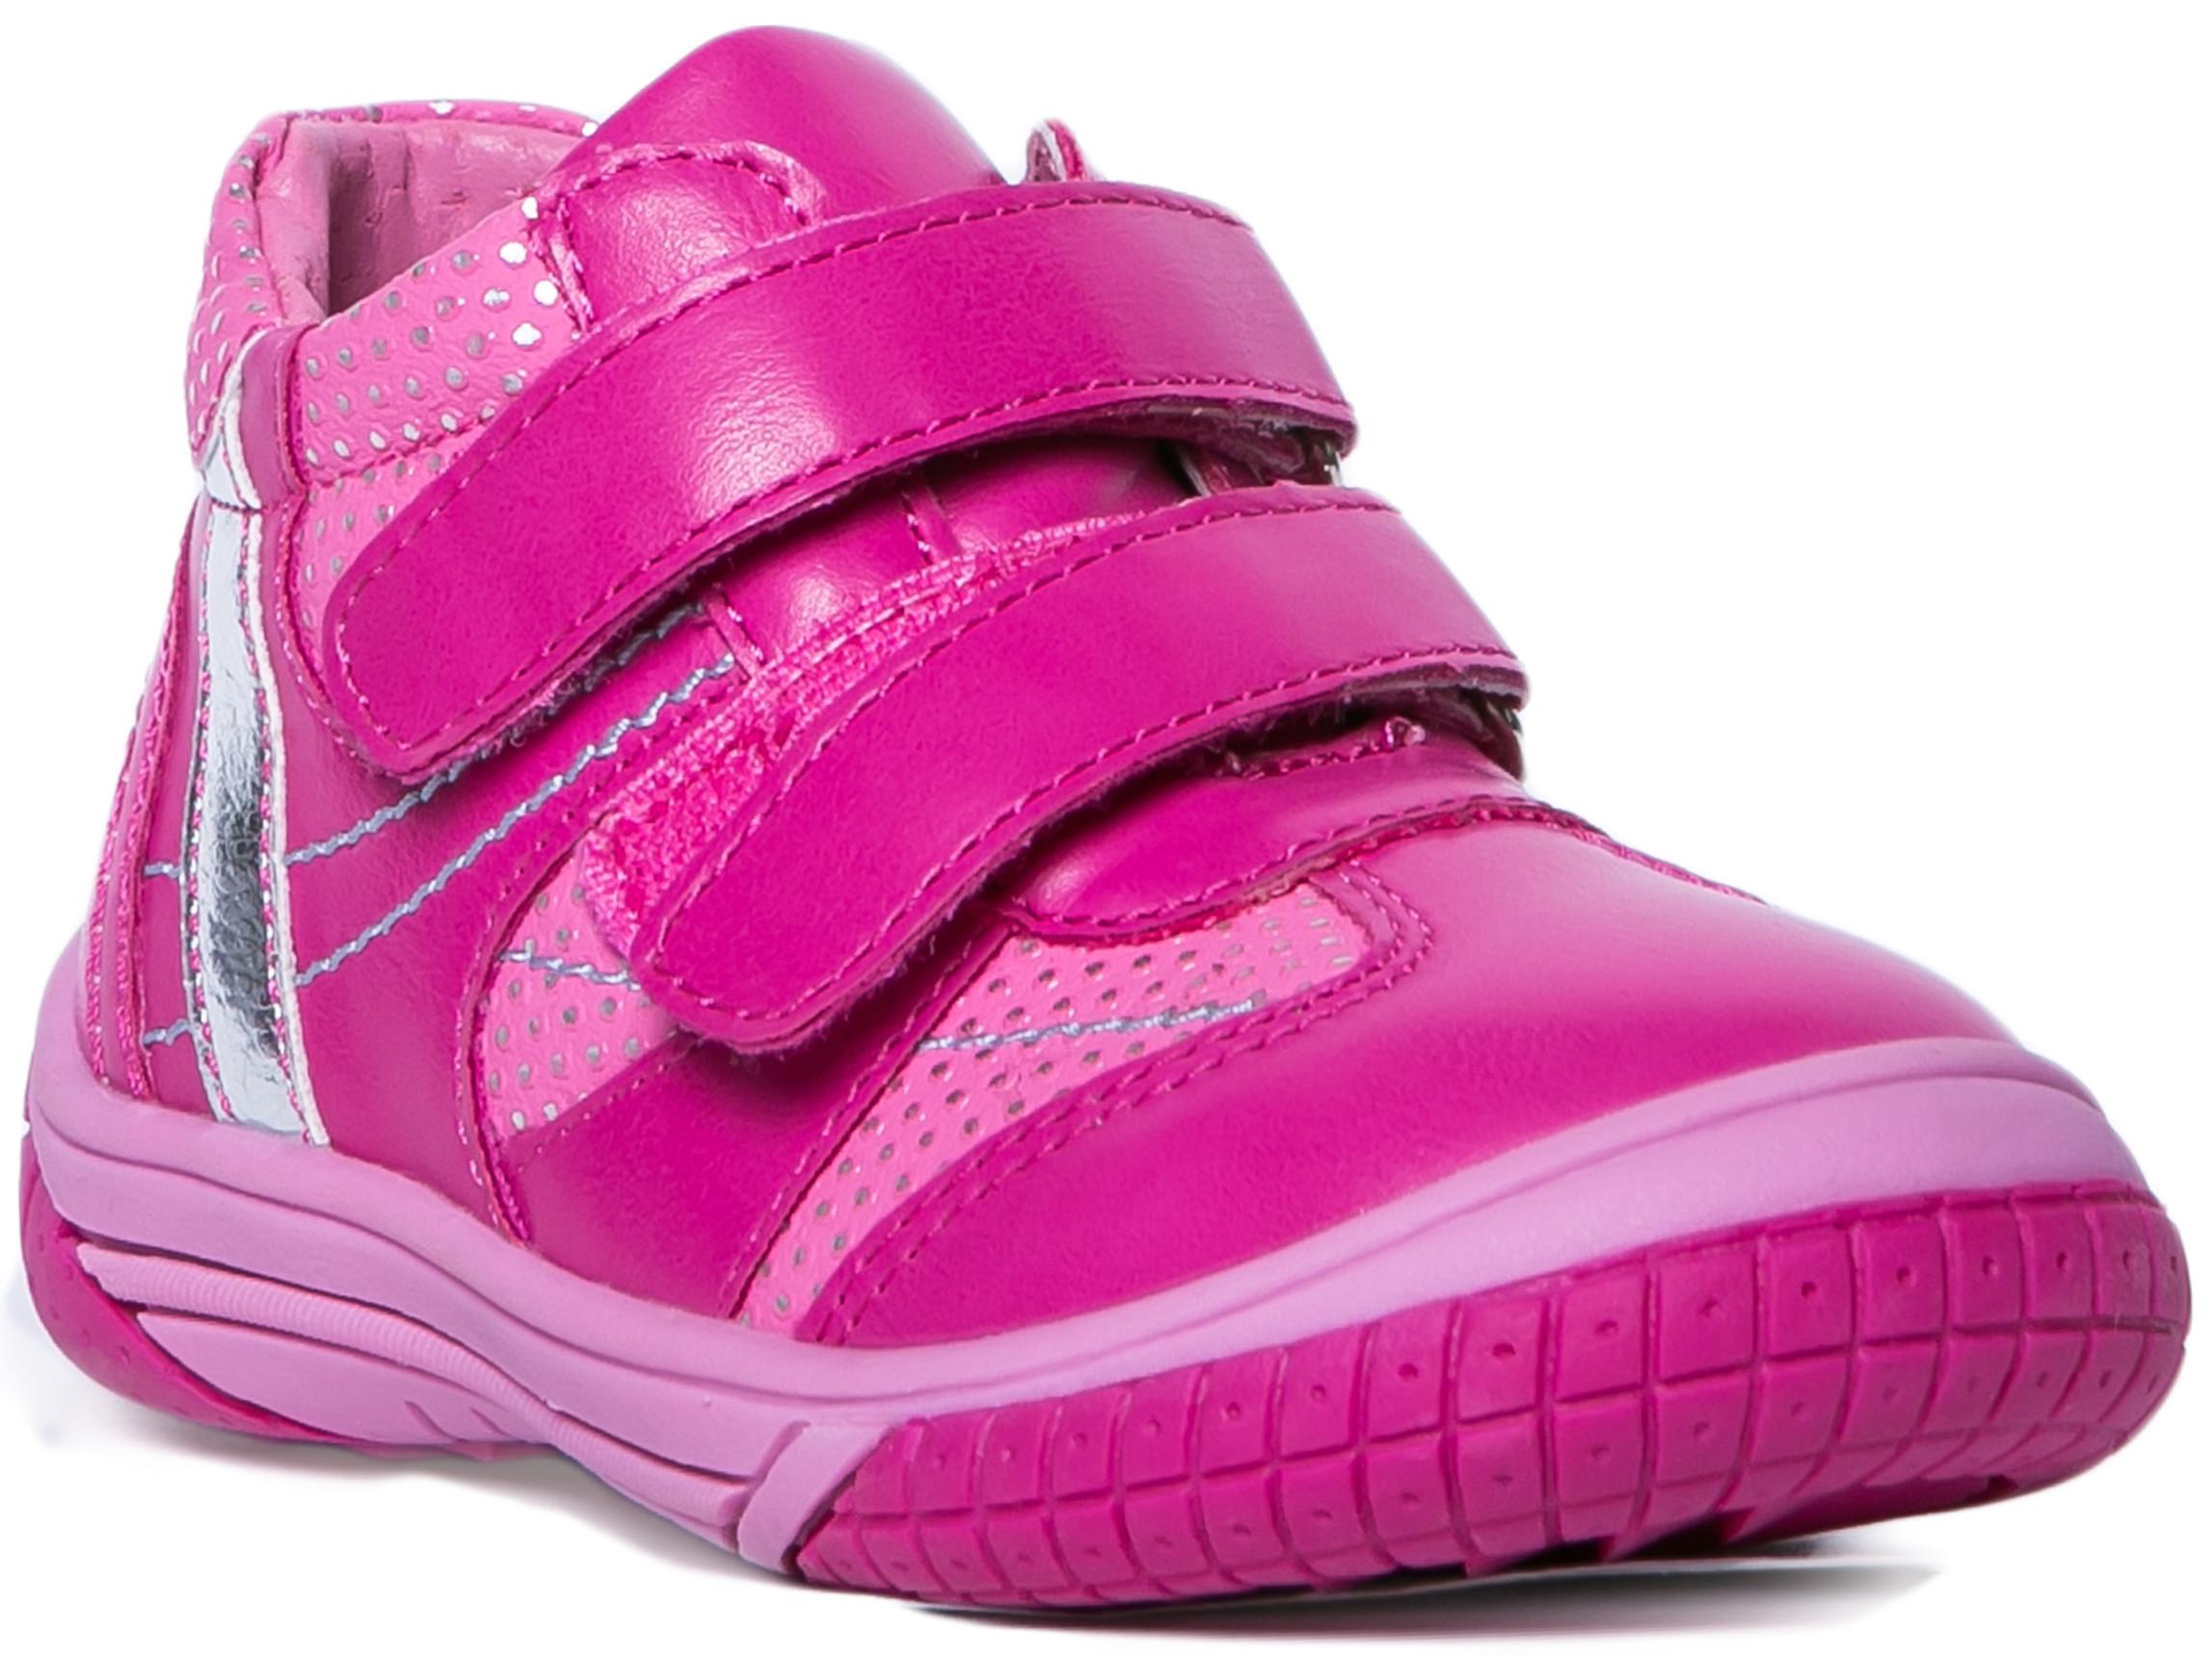 Ботинки и полуботинки Barkito Ботинки для девочки Barkito, фуксия цена